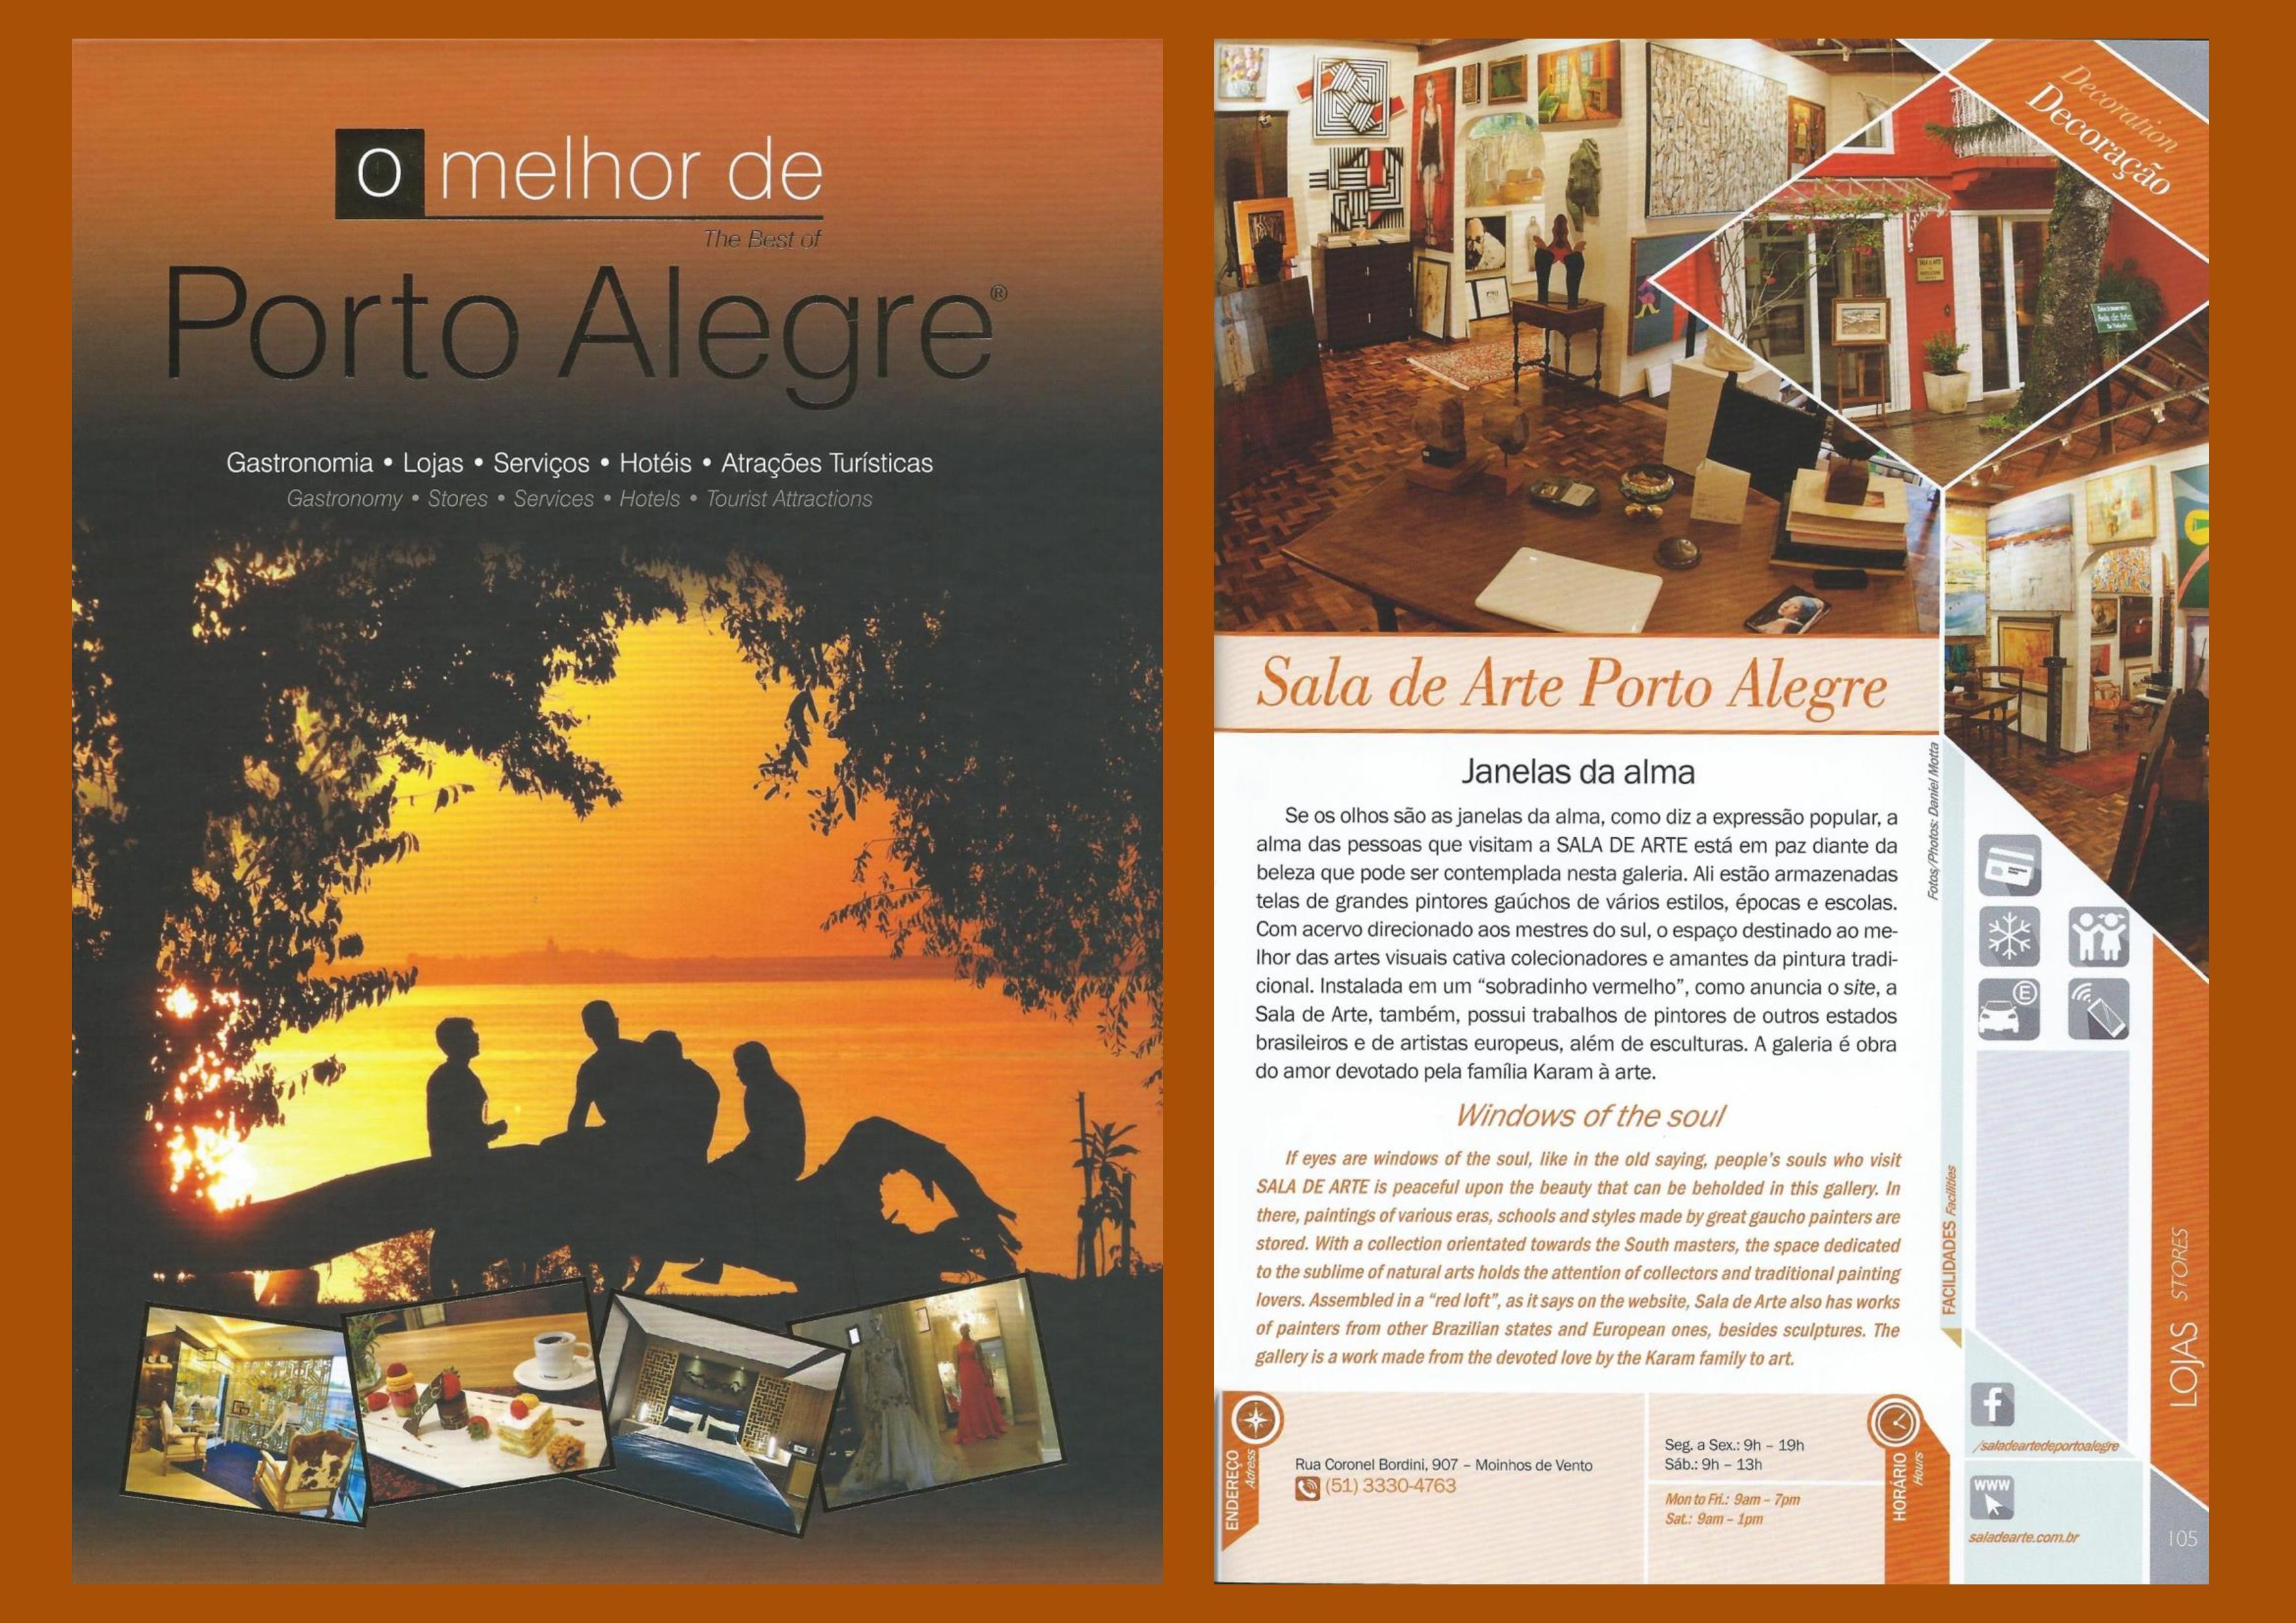 O Melhor de Porto Alegre